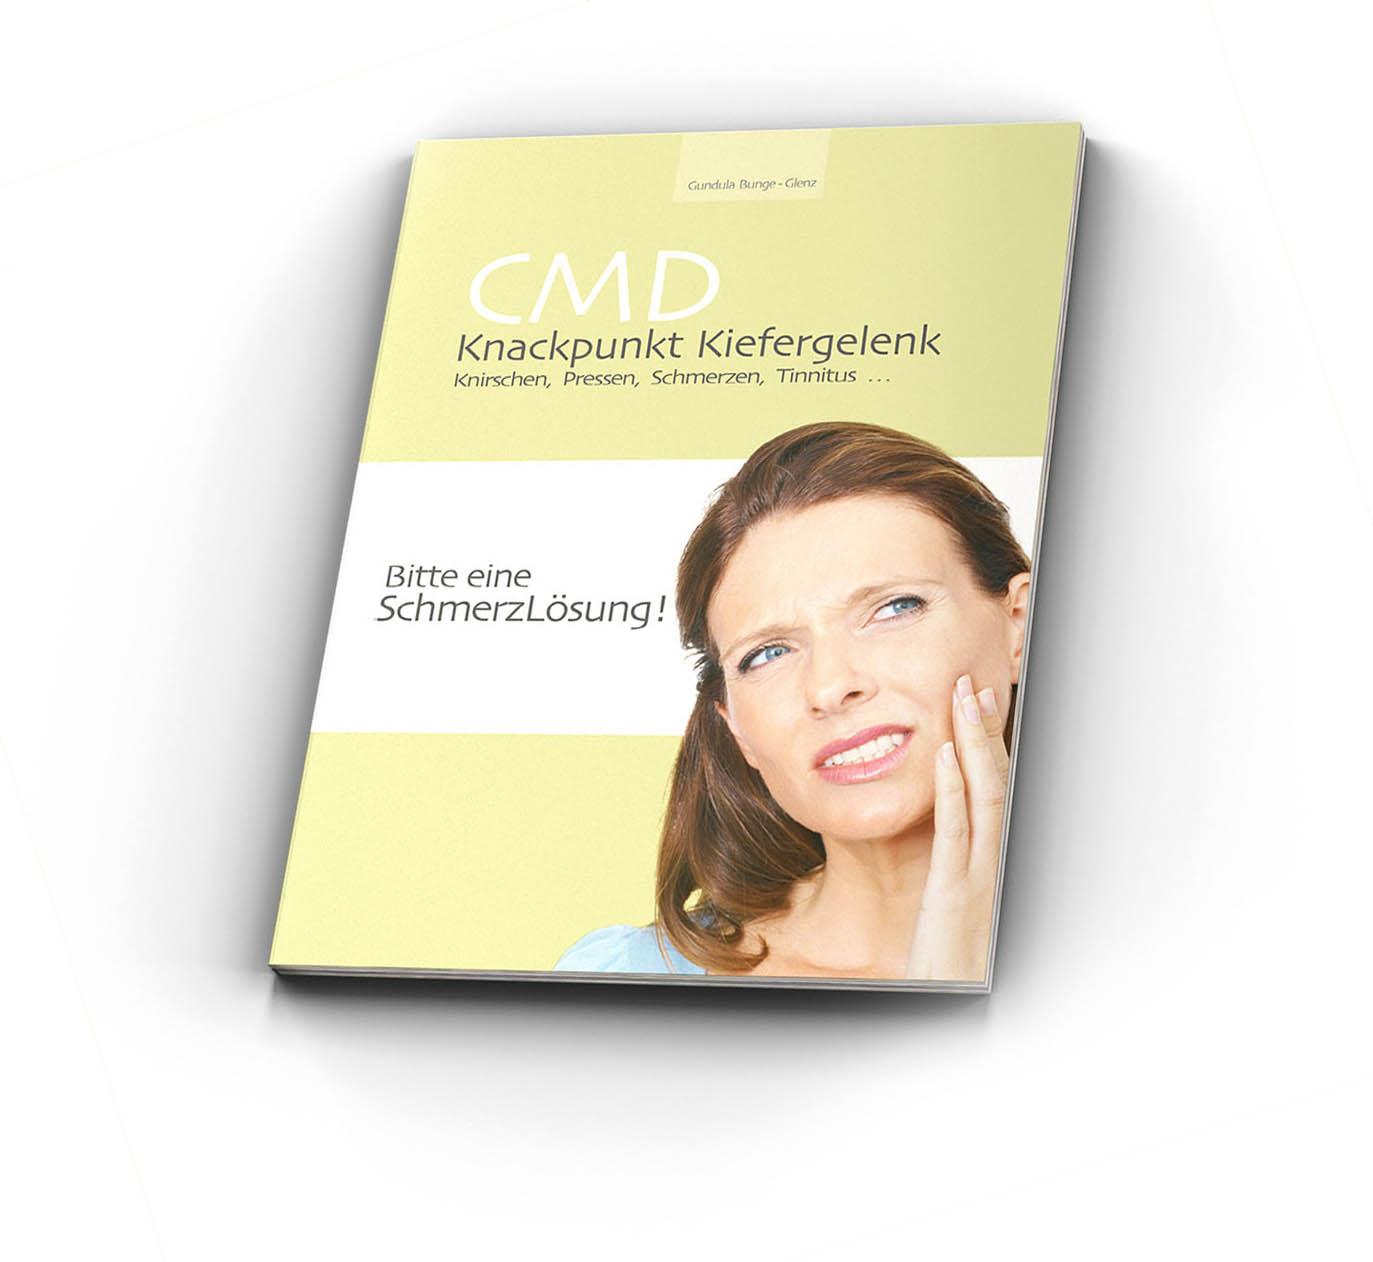 CMD Behandlung und CMD Therapie - ganzheitlicher Ansatz - Region Rhein-Main Gebiet - in Bensheim